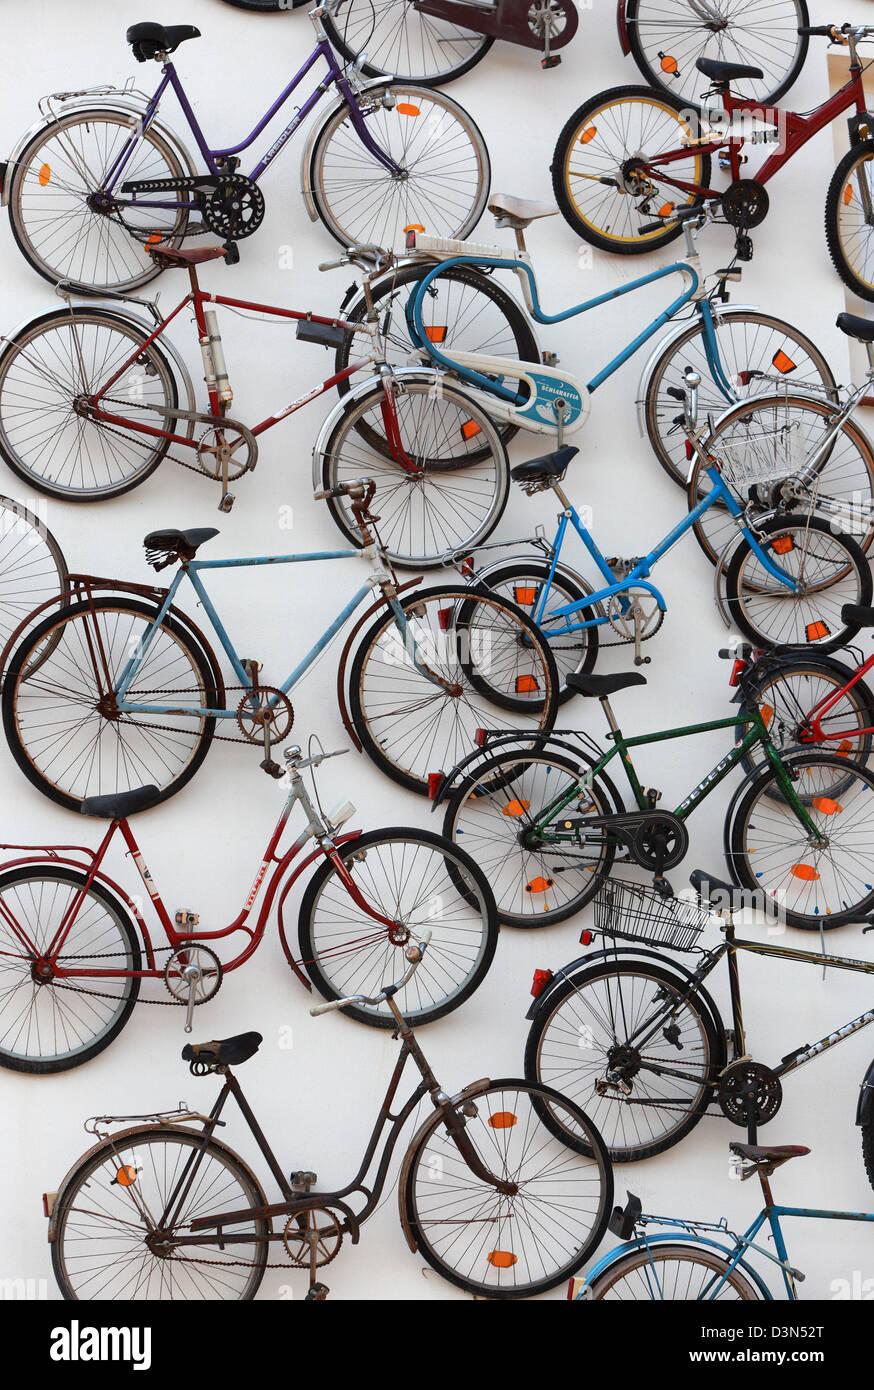 Fahrradhof Altlandsberg Stockfotos Fahrradhof Altlandsberg Bilder